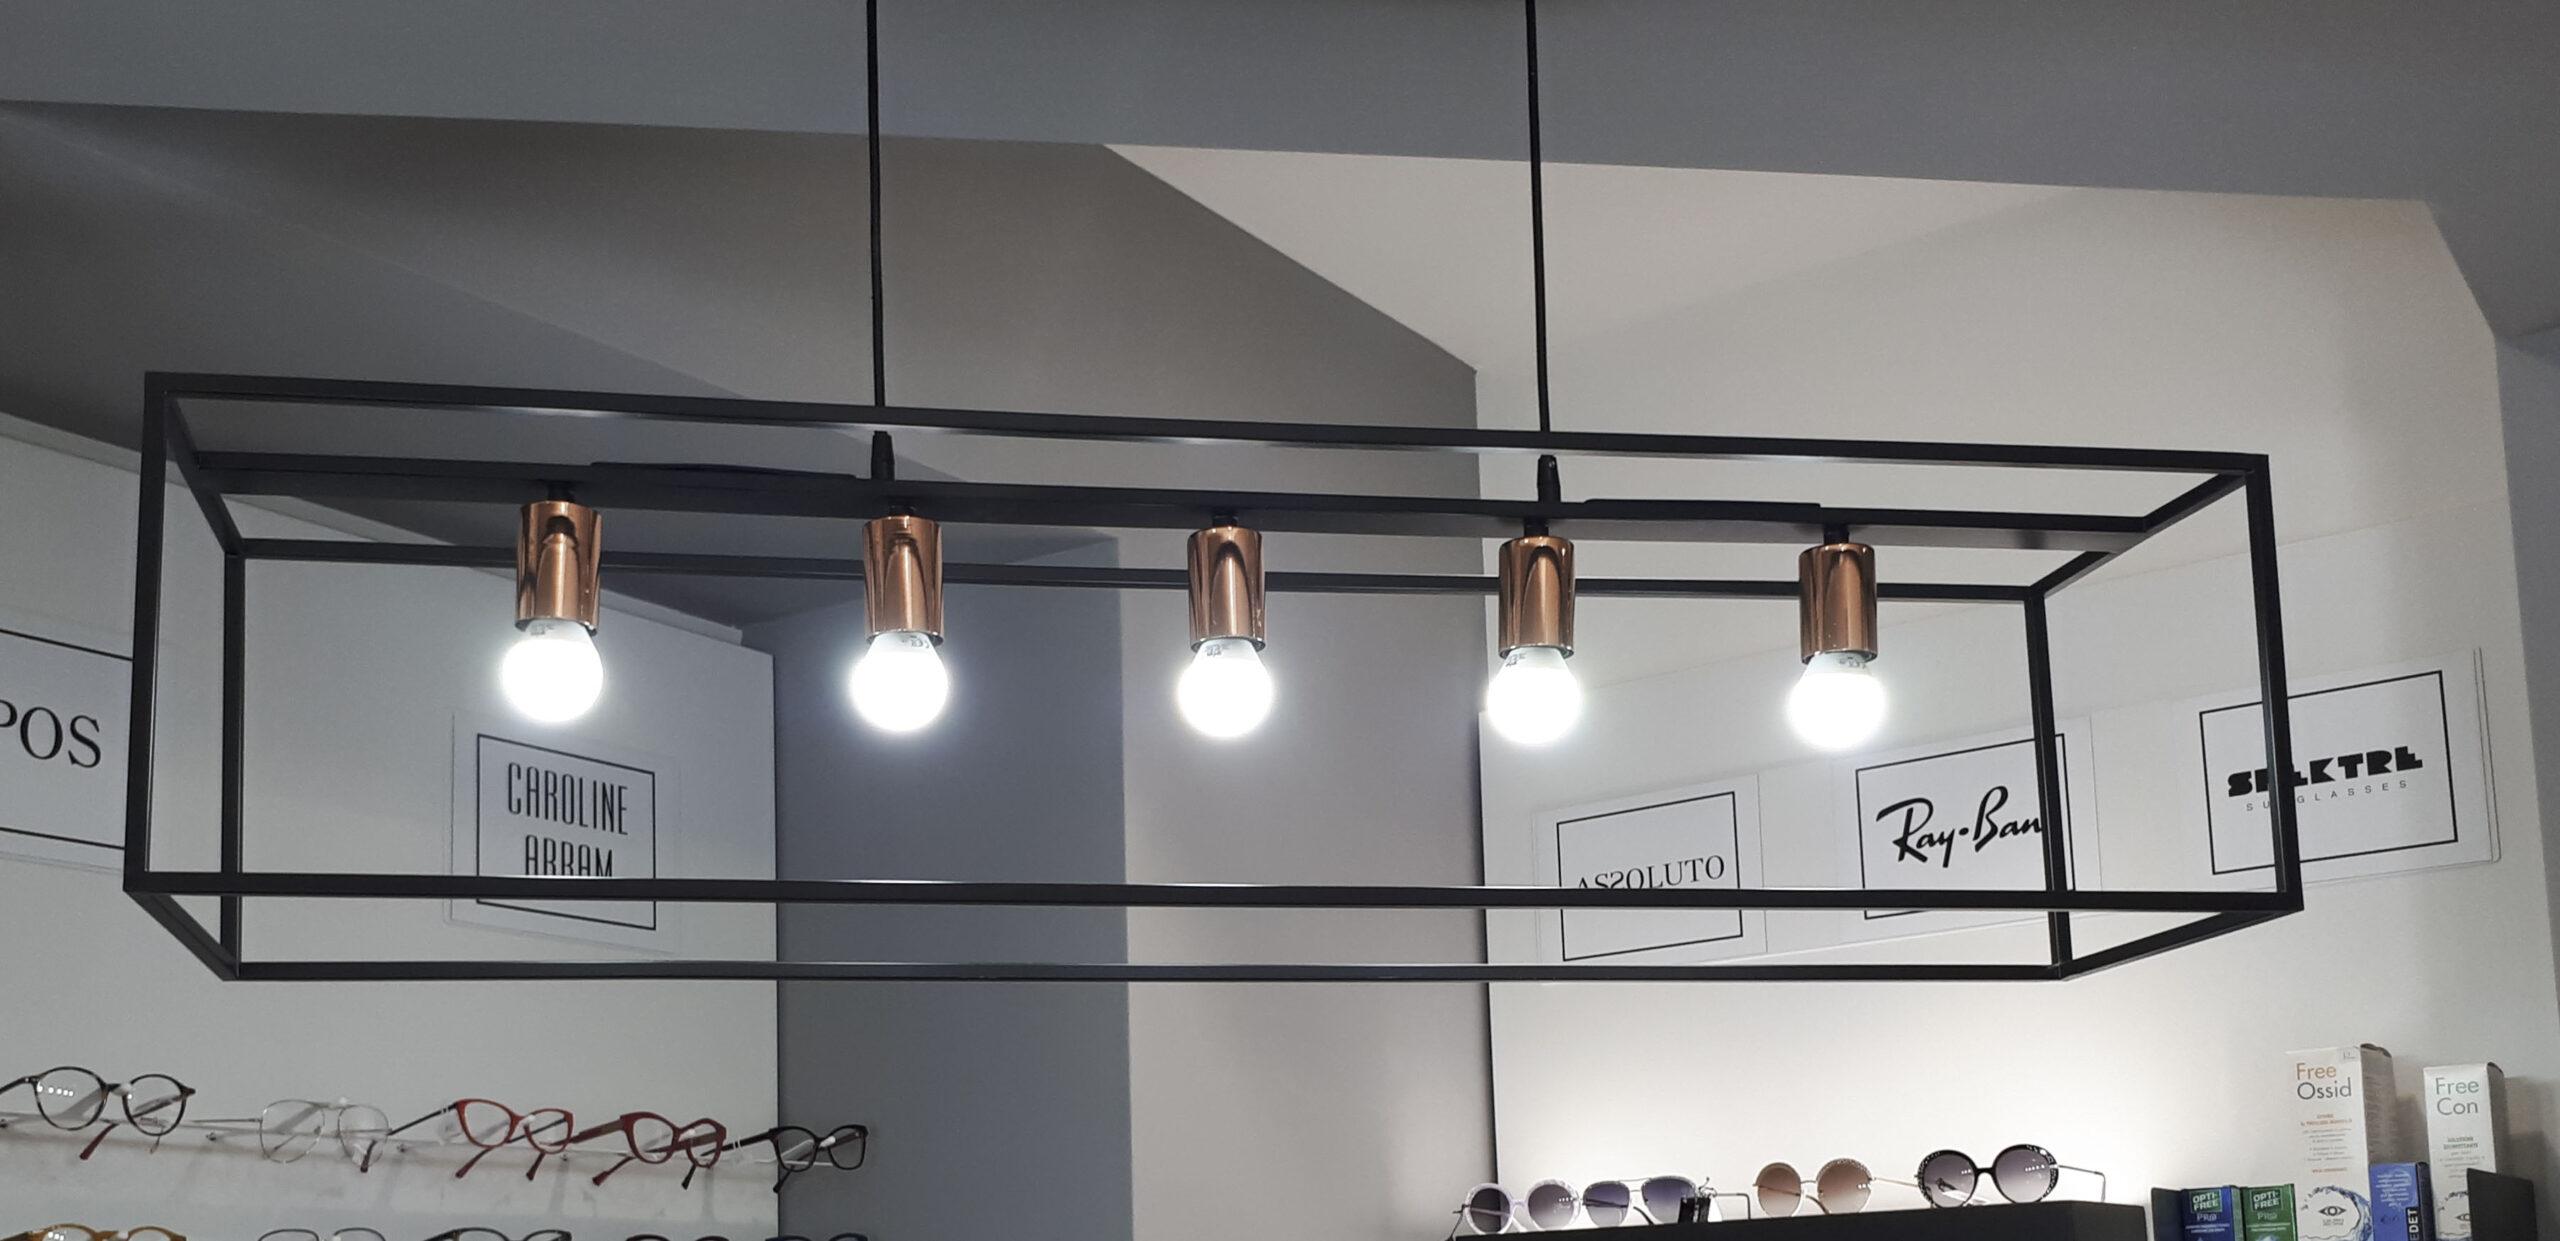 La luce nelle gioiellerie e nelle ottiche